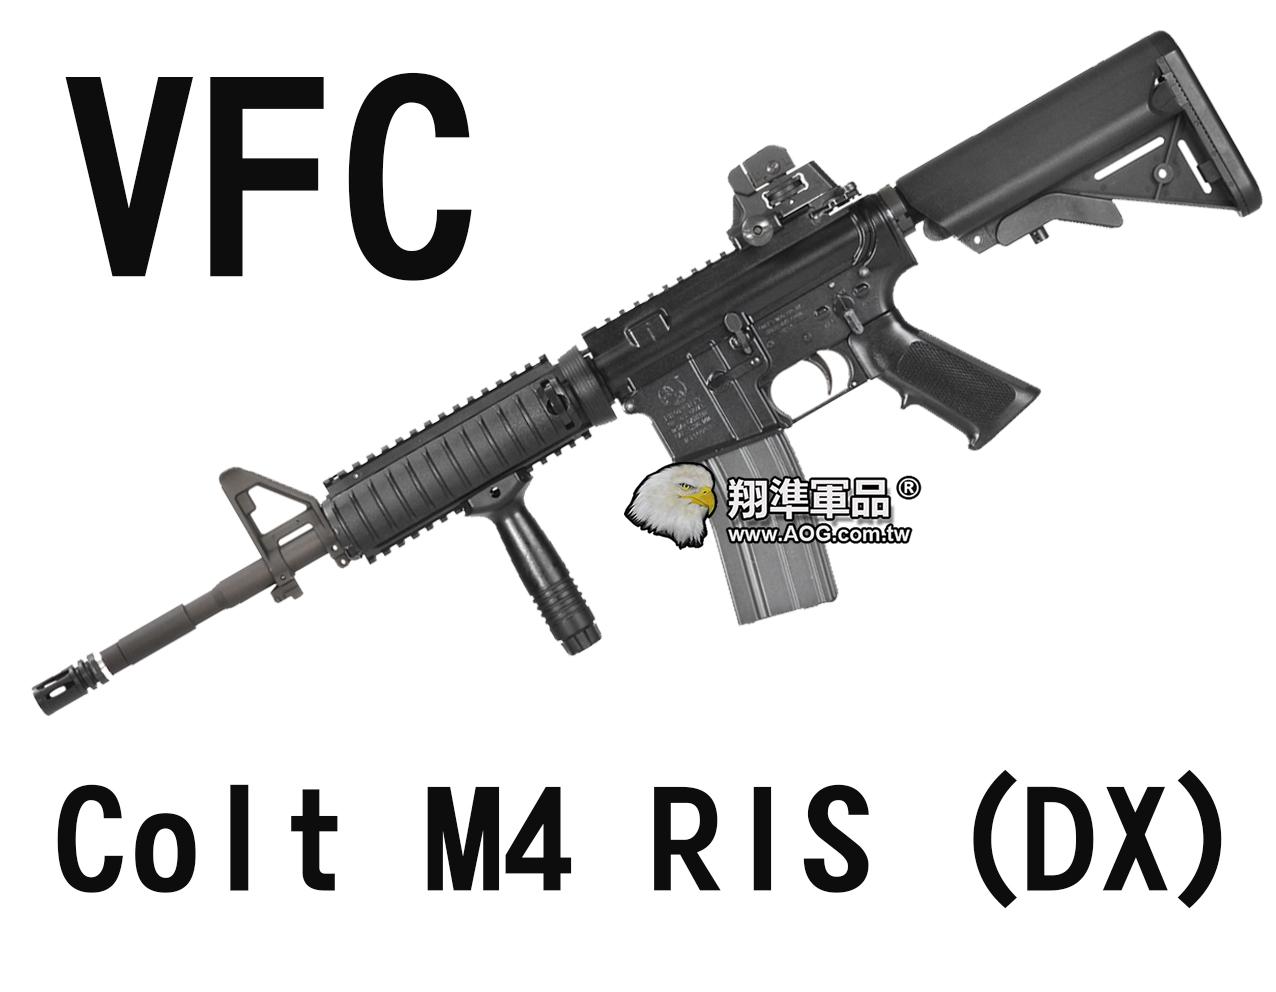 【翔準軍品AOG】【VFC】Colt M4 RIS (DX) 海豹托+握把 魚骨版 電動槍  黑色 VF1-LM4RIS-BK81